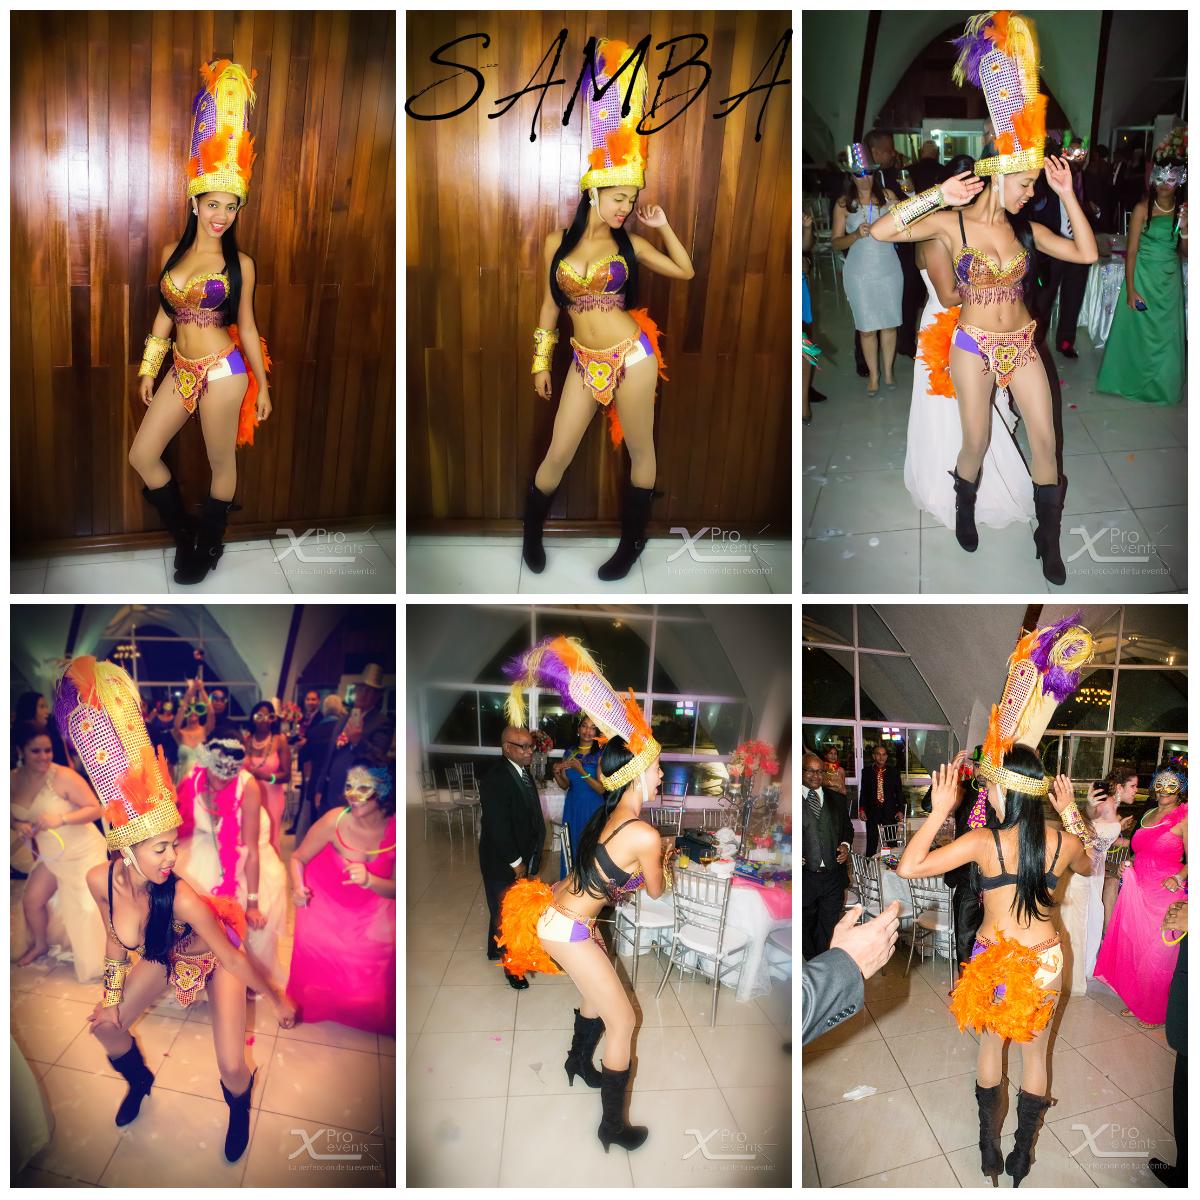 www.Xproevents.com - Hora loca con bailarinas de Samba que animan la fiesta.jpg